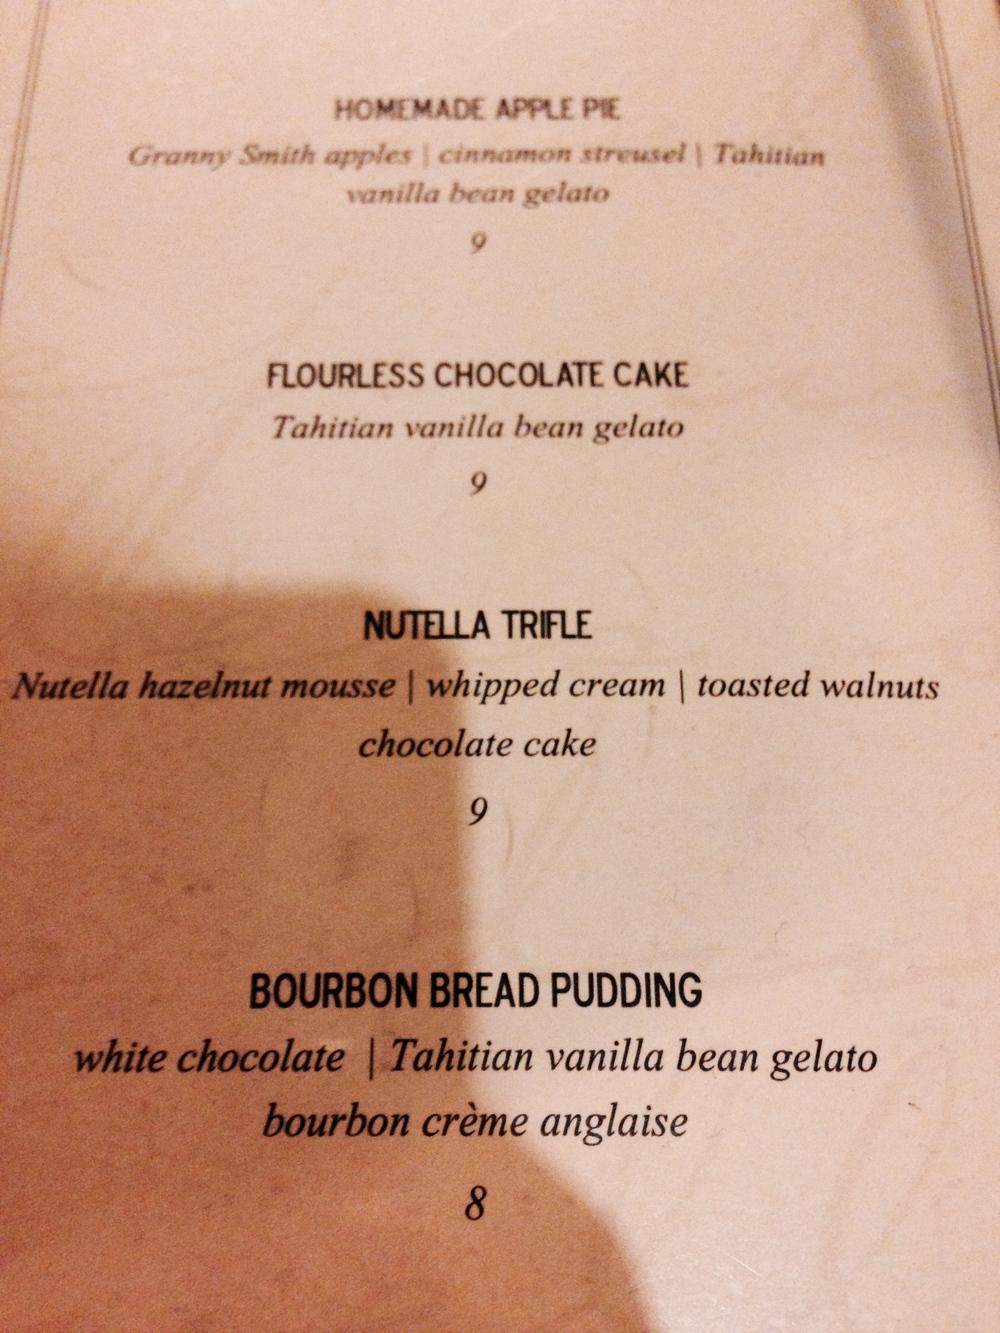 Finally, dessert.